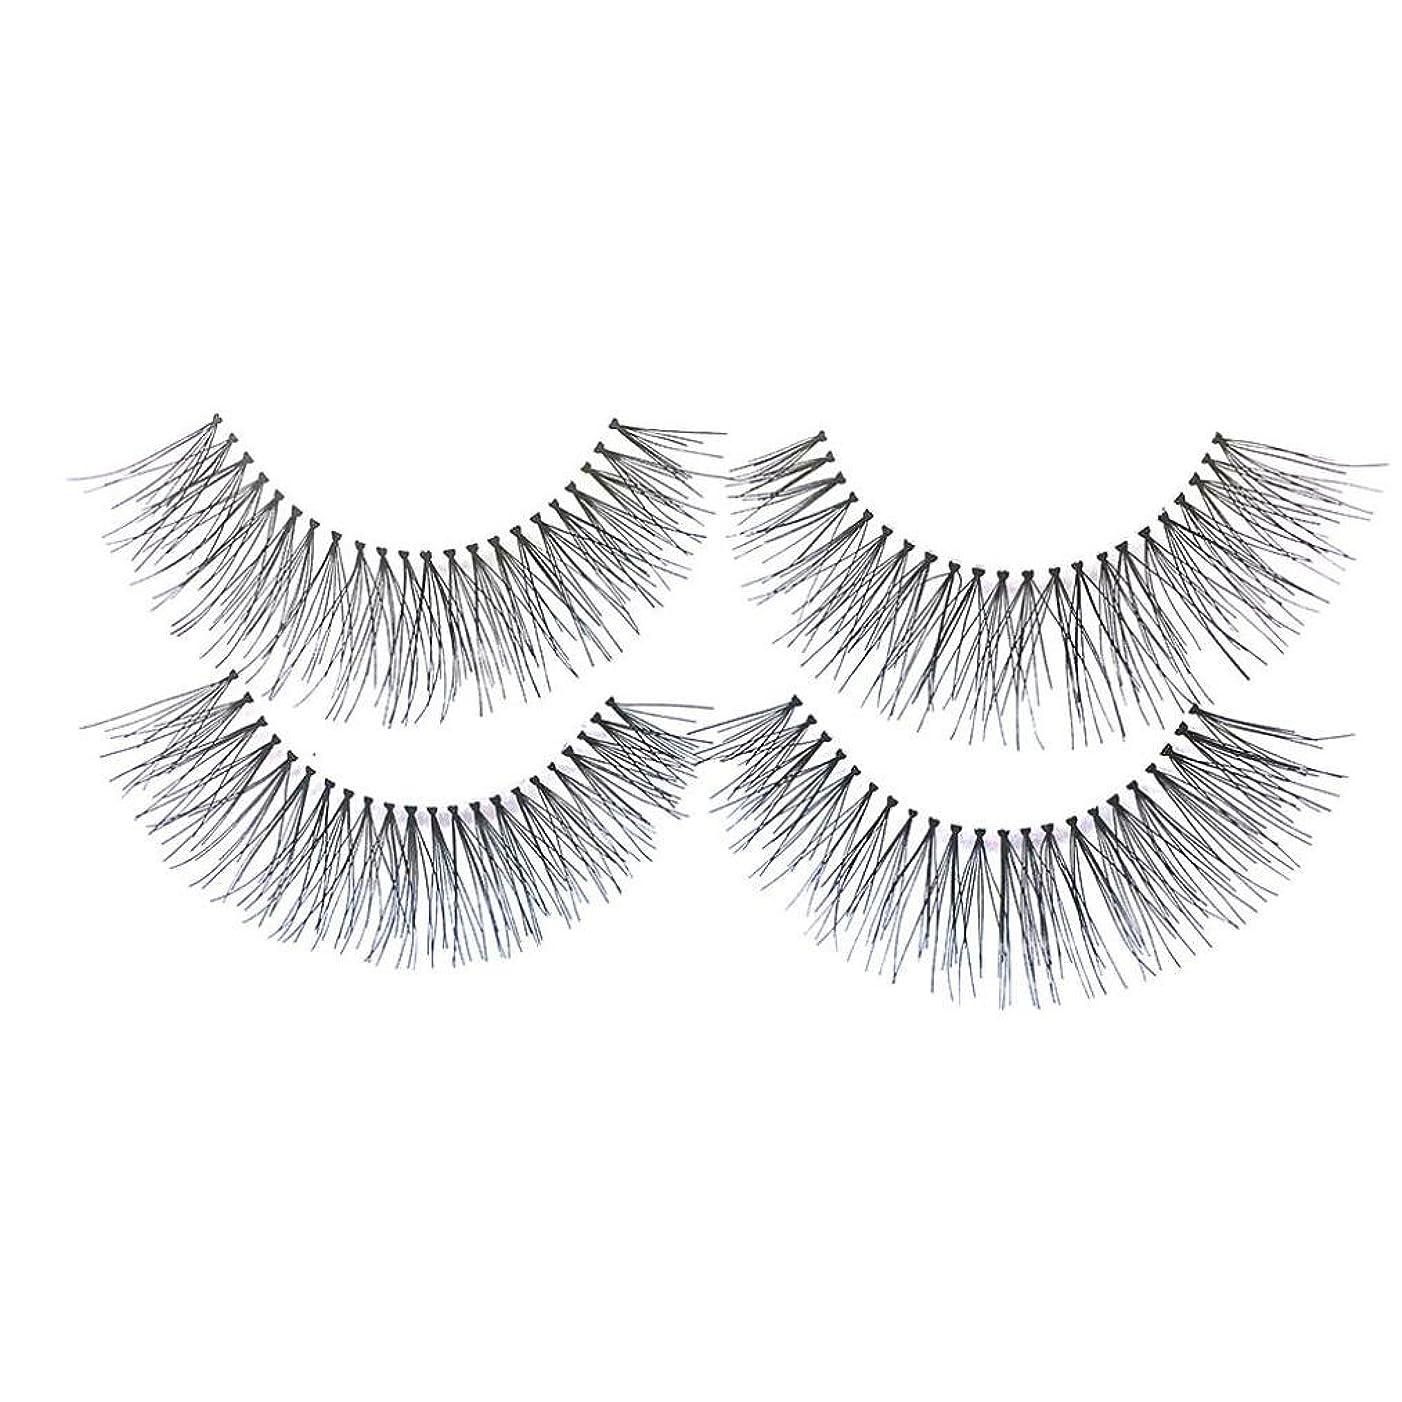 セミナー自分自身ハブブFeteso 2ペア つけまつげ 上まつげ 3D Eyelashes アイラッシュ まつげエクステ扩展 レディース 化粧ツール アイメイクアップ 人気 ナチュラル ふんわり 装着簡単 綺麗 ダイヤモンド付き